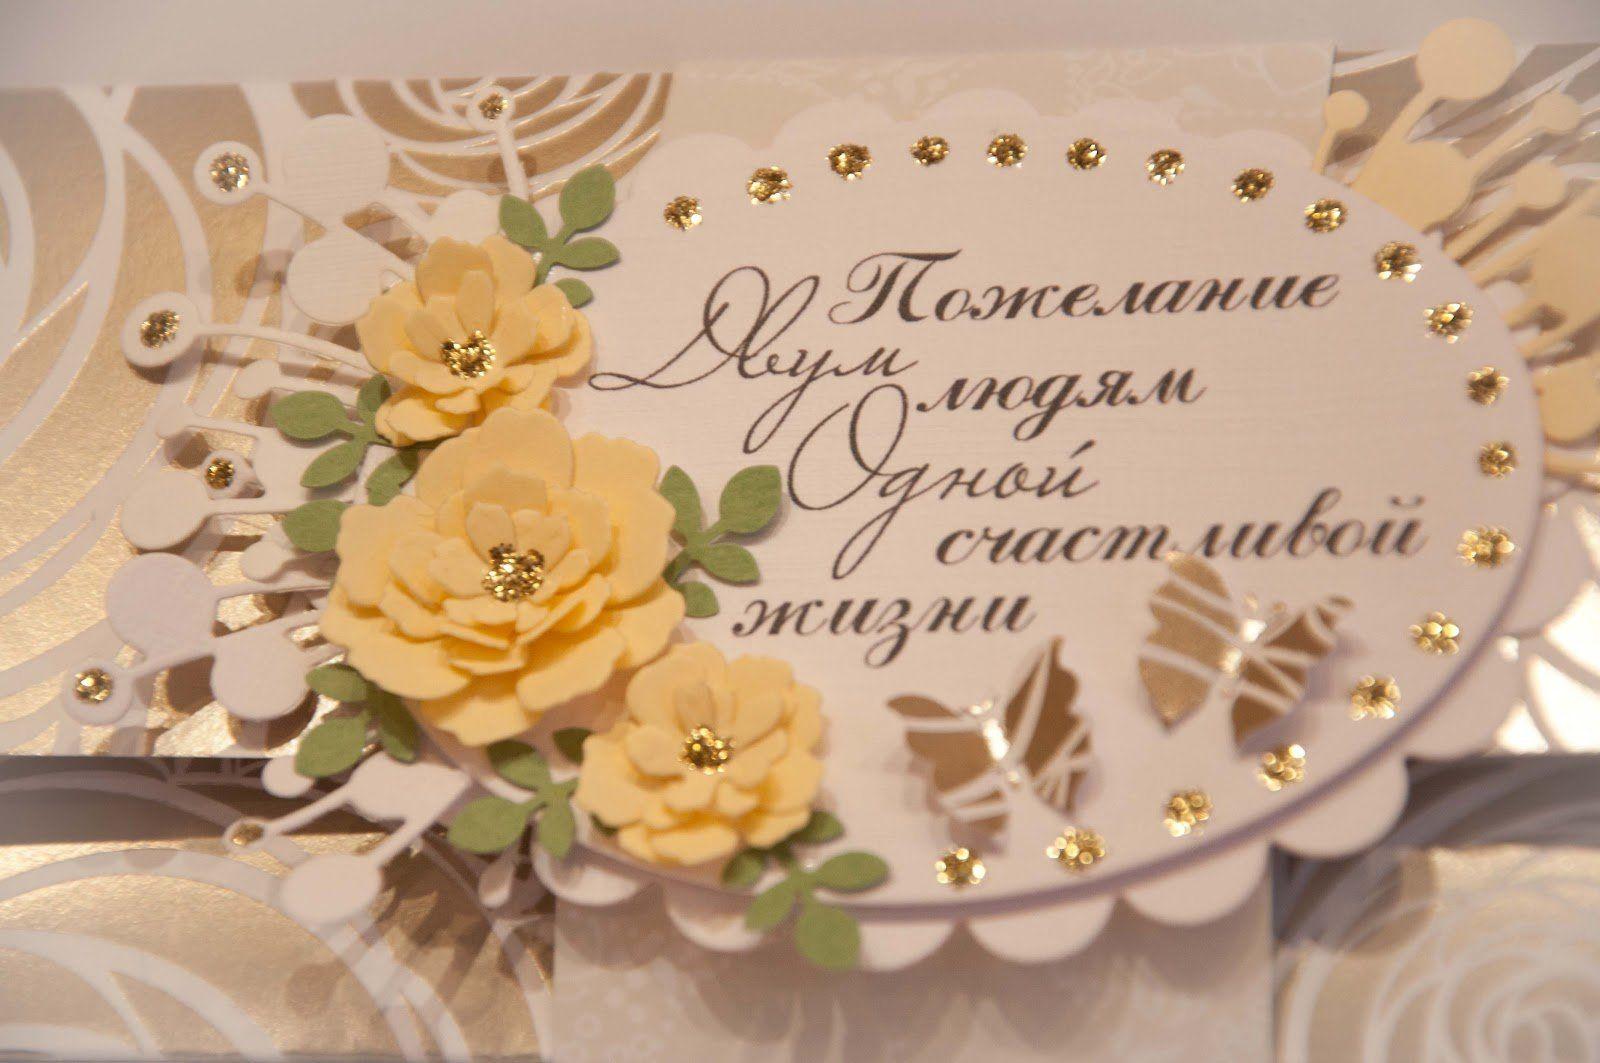 золотая свадьба картинки в хорошем качестве накрутить лайки инстаграме